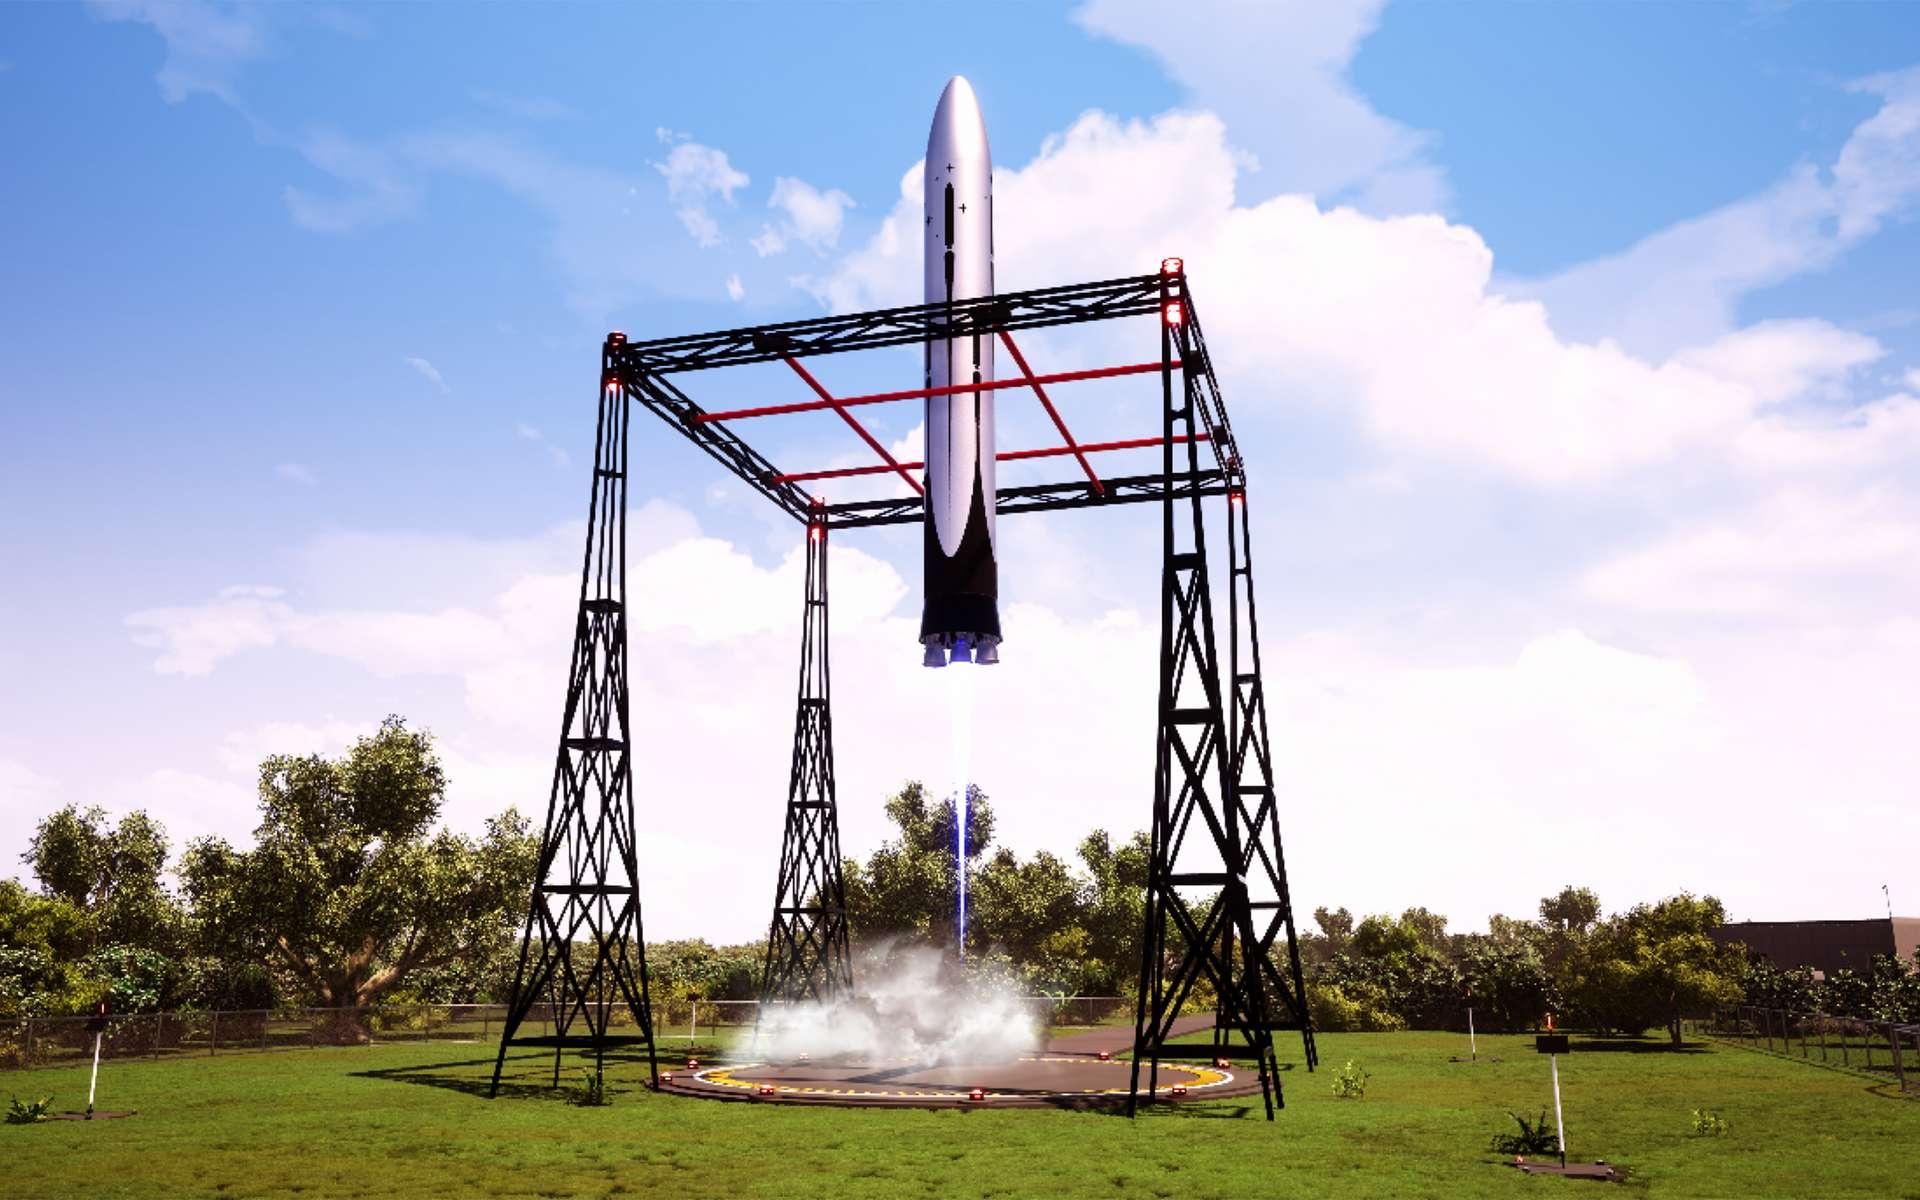 Smartcatcher, un concept de système d'atterrissage à l'étude pour Ariane Next, le lanceur qui succèdera à Ariane 6. © ArianeWorks, ADF/Latesys